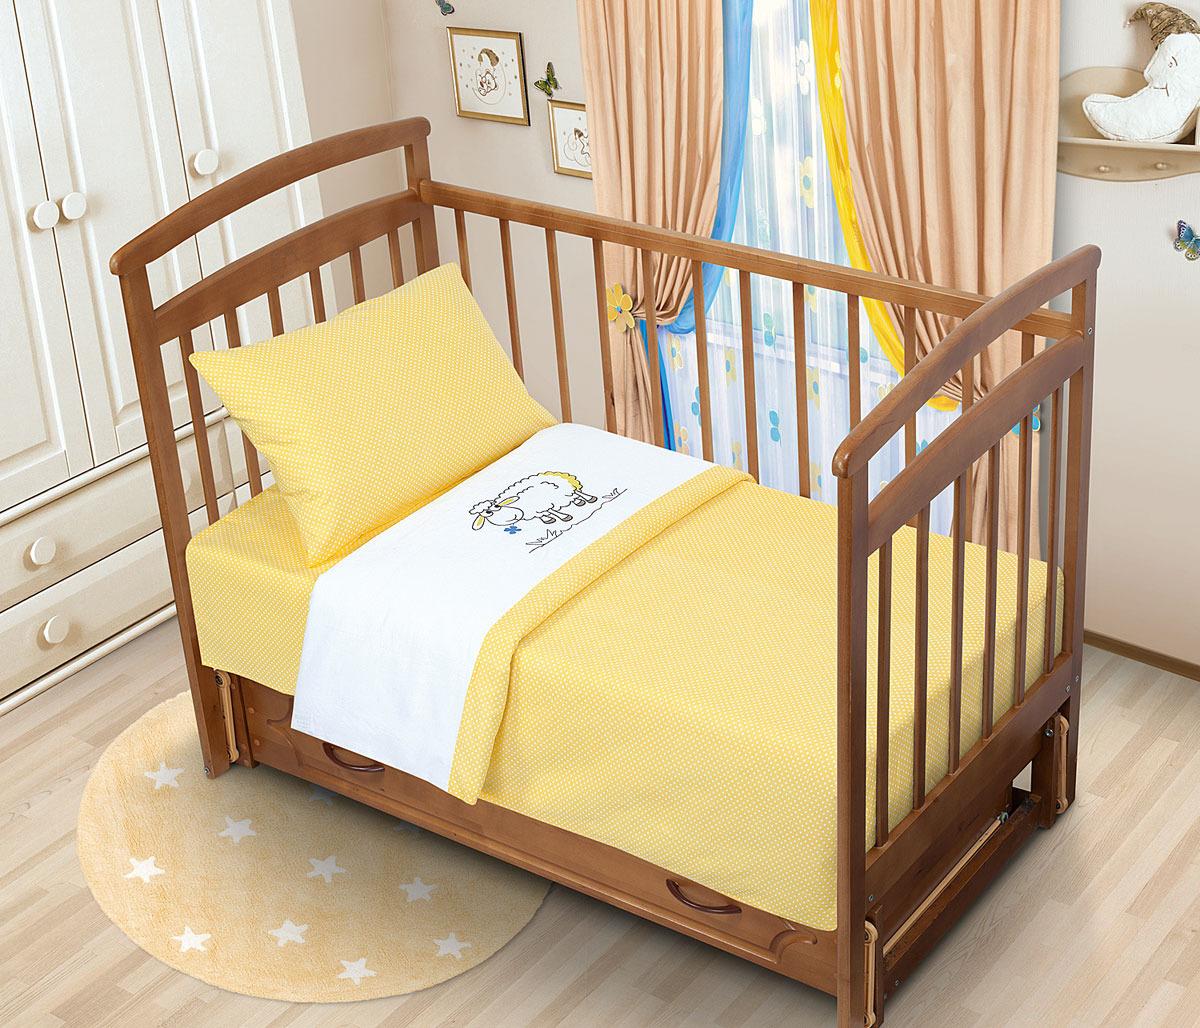 все цены на Детский комплект постельного белья Tatkraft Овечка Ламми, с вышивкой, перкаль, цвет: желтый онлайн